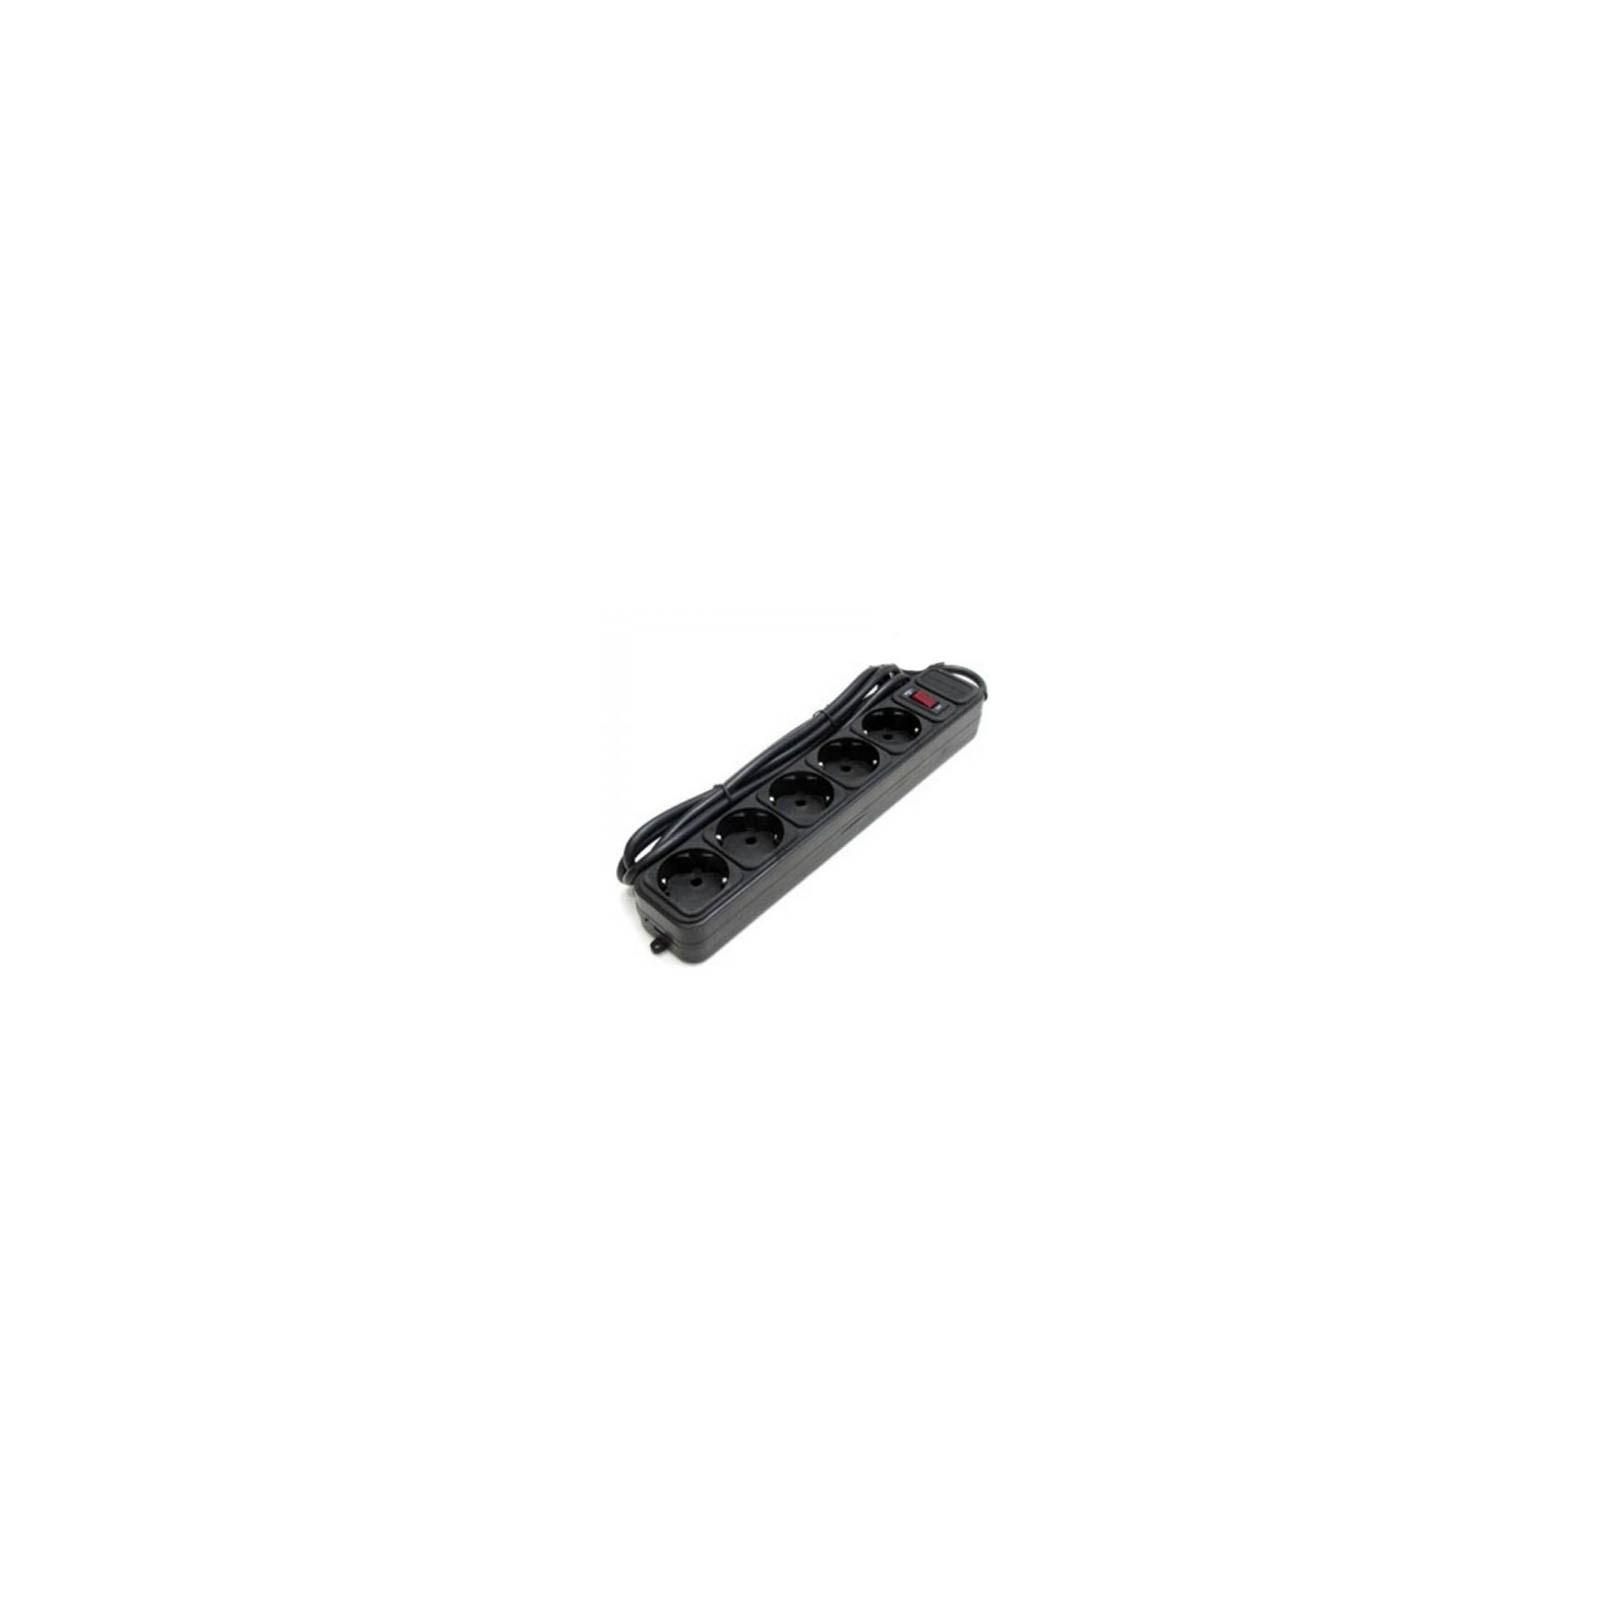 Сетевой фильтр питания GEMIX Surge protector 3m (Gemix 3m B)